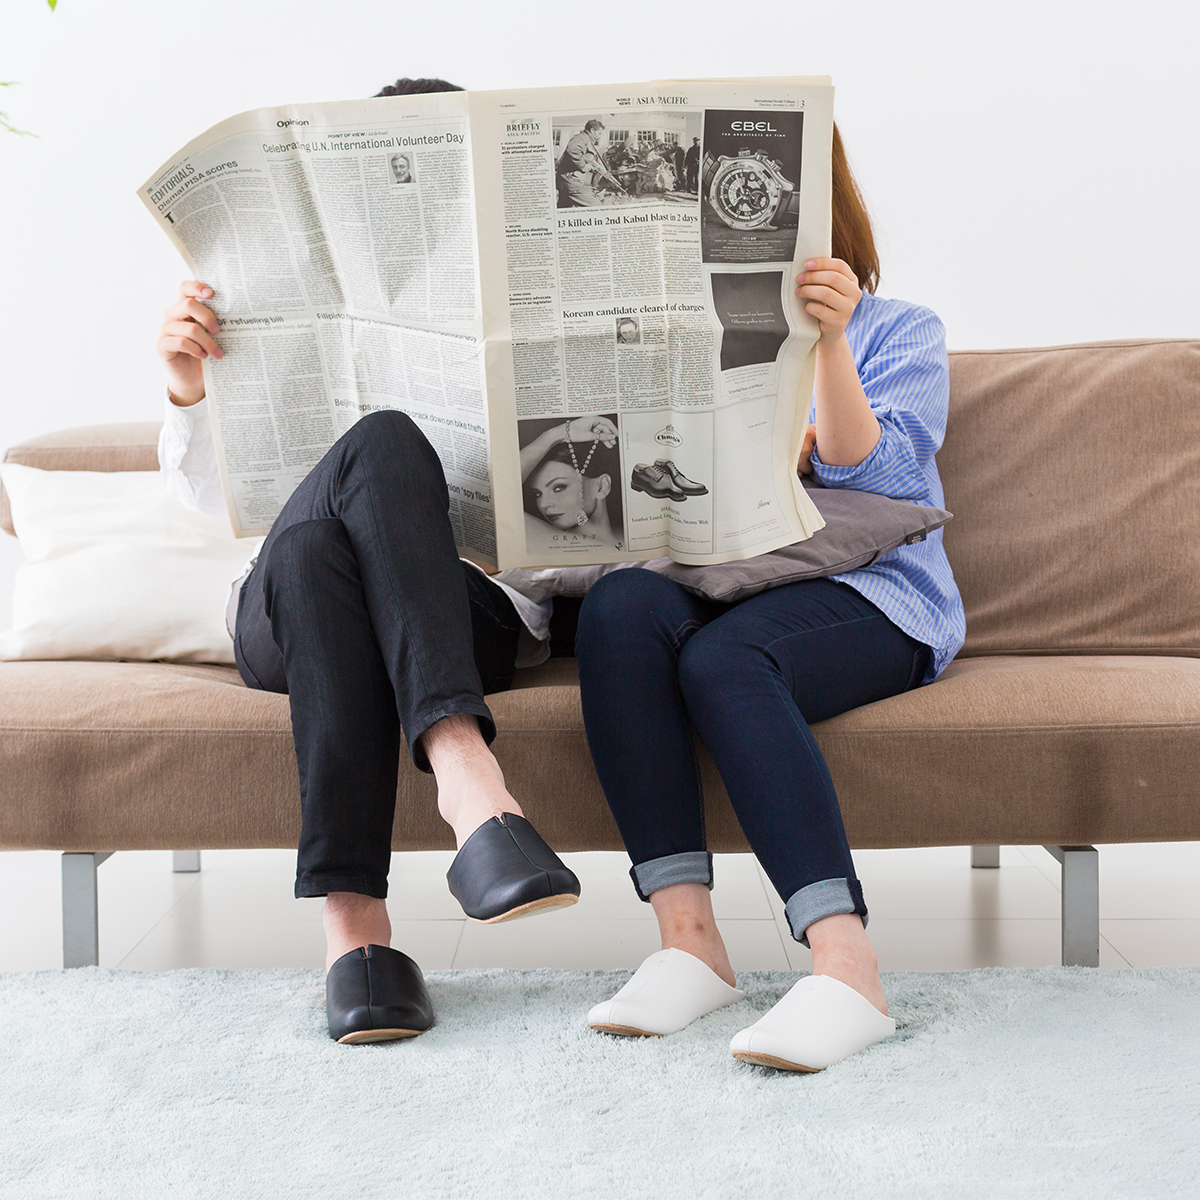 美しいデザインも魅力の靴の製法でつくったからトコトン歩きやすい「スリッパ」|room's